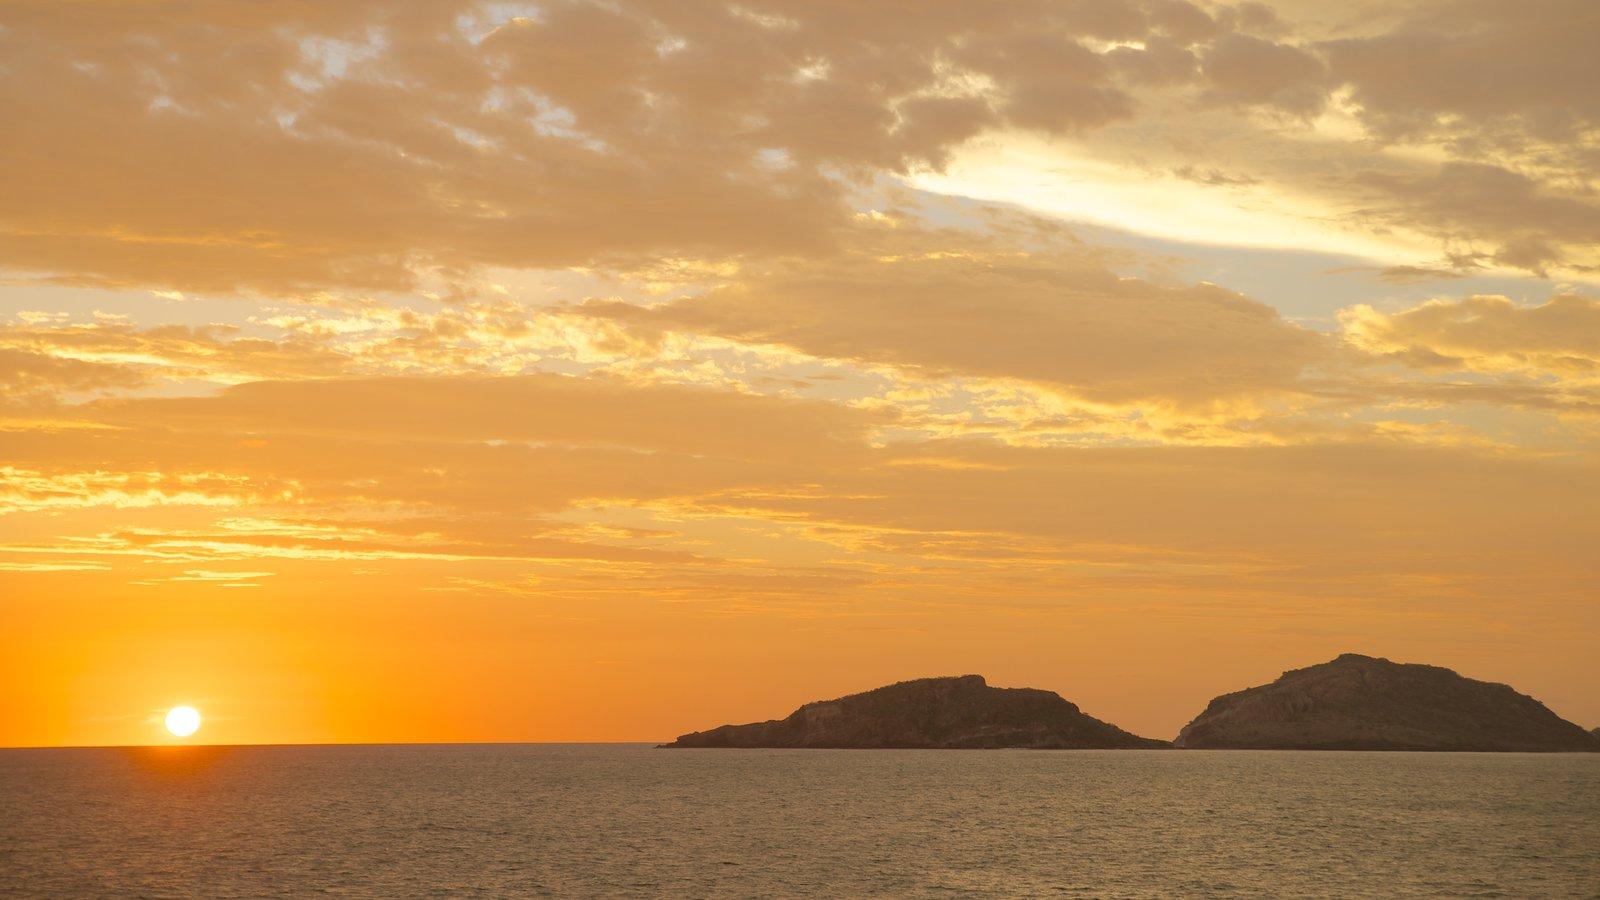 Playa Olas Altas que incluye vistas de una isla, vistas generales de la costa y una puesta de sol